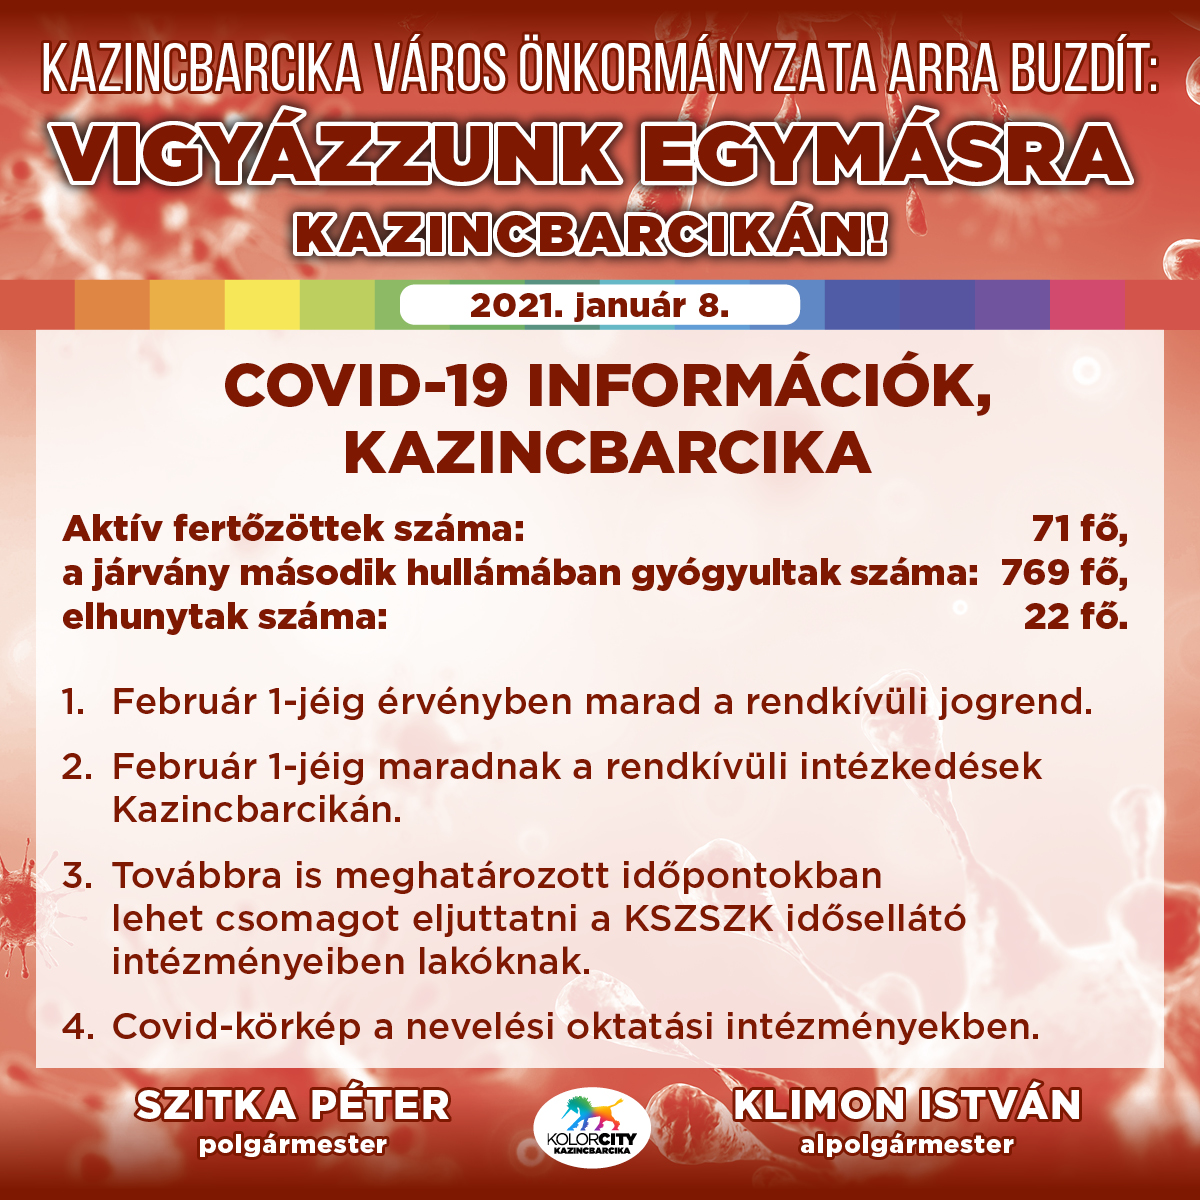 https://kolorline.hu/Vigyázzunk egymásra Kazincbarcikán! – 2021. január 8.